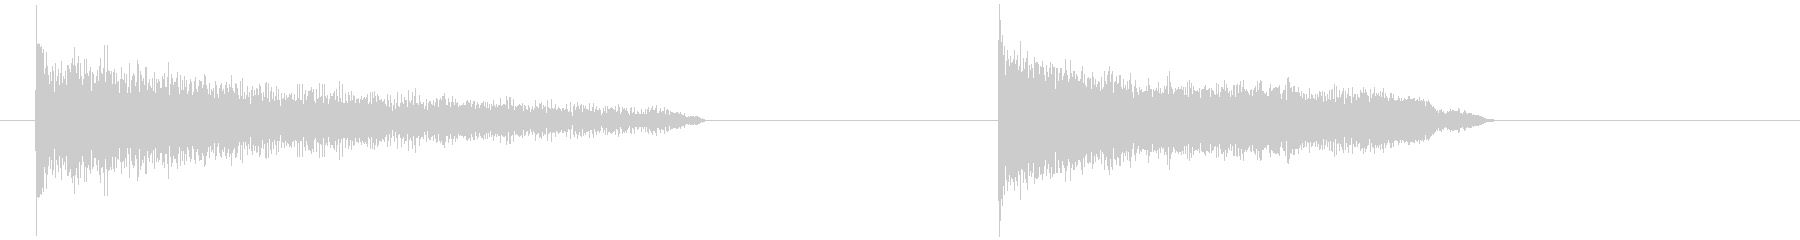 昇順と降順、細長い、ハワイアンギタ...の未再生の波形